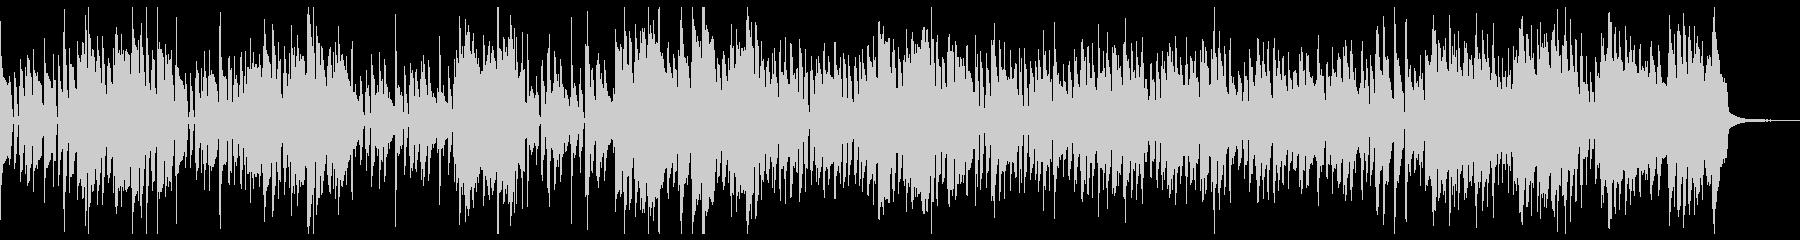 サックスとオルガンのニュー・ジャズの未再生の波形